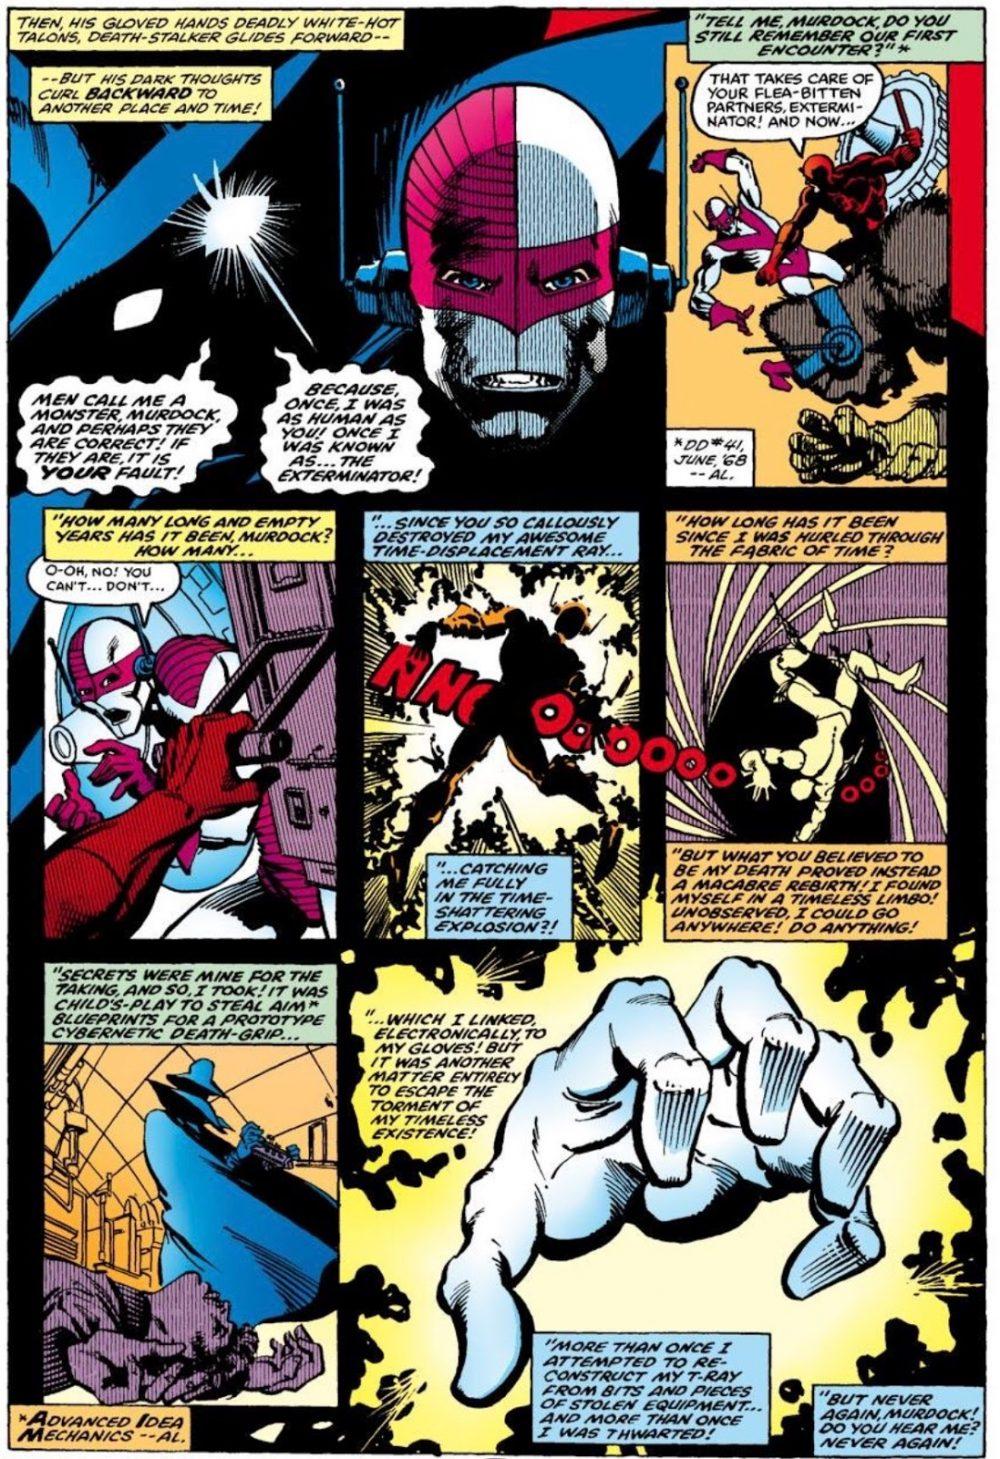 Daredevil #158, anteprima 02